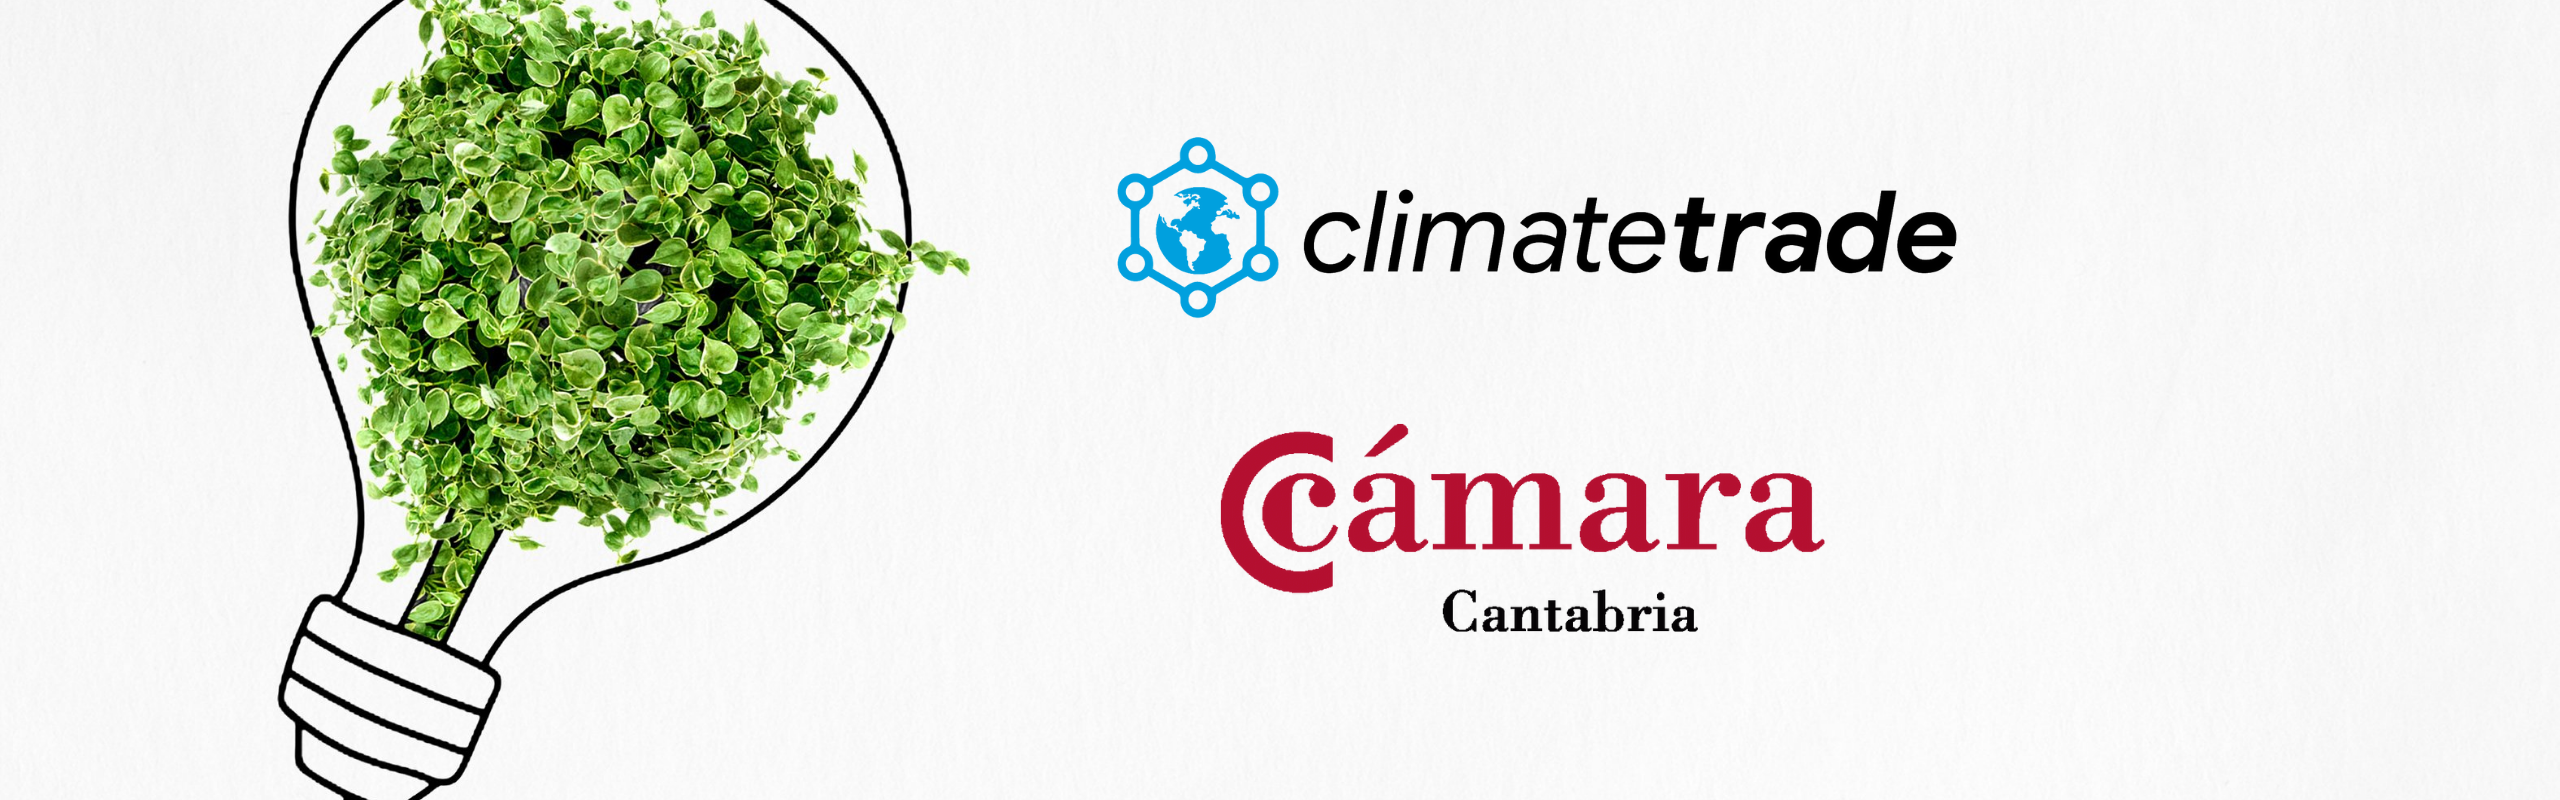 camara de cantabria y climatetrade